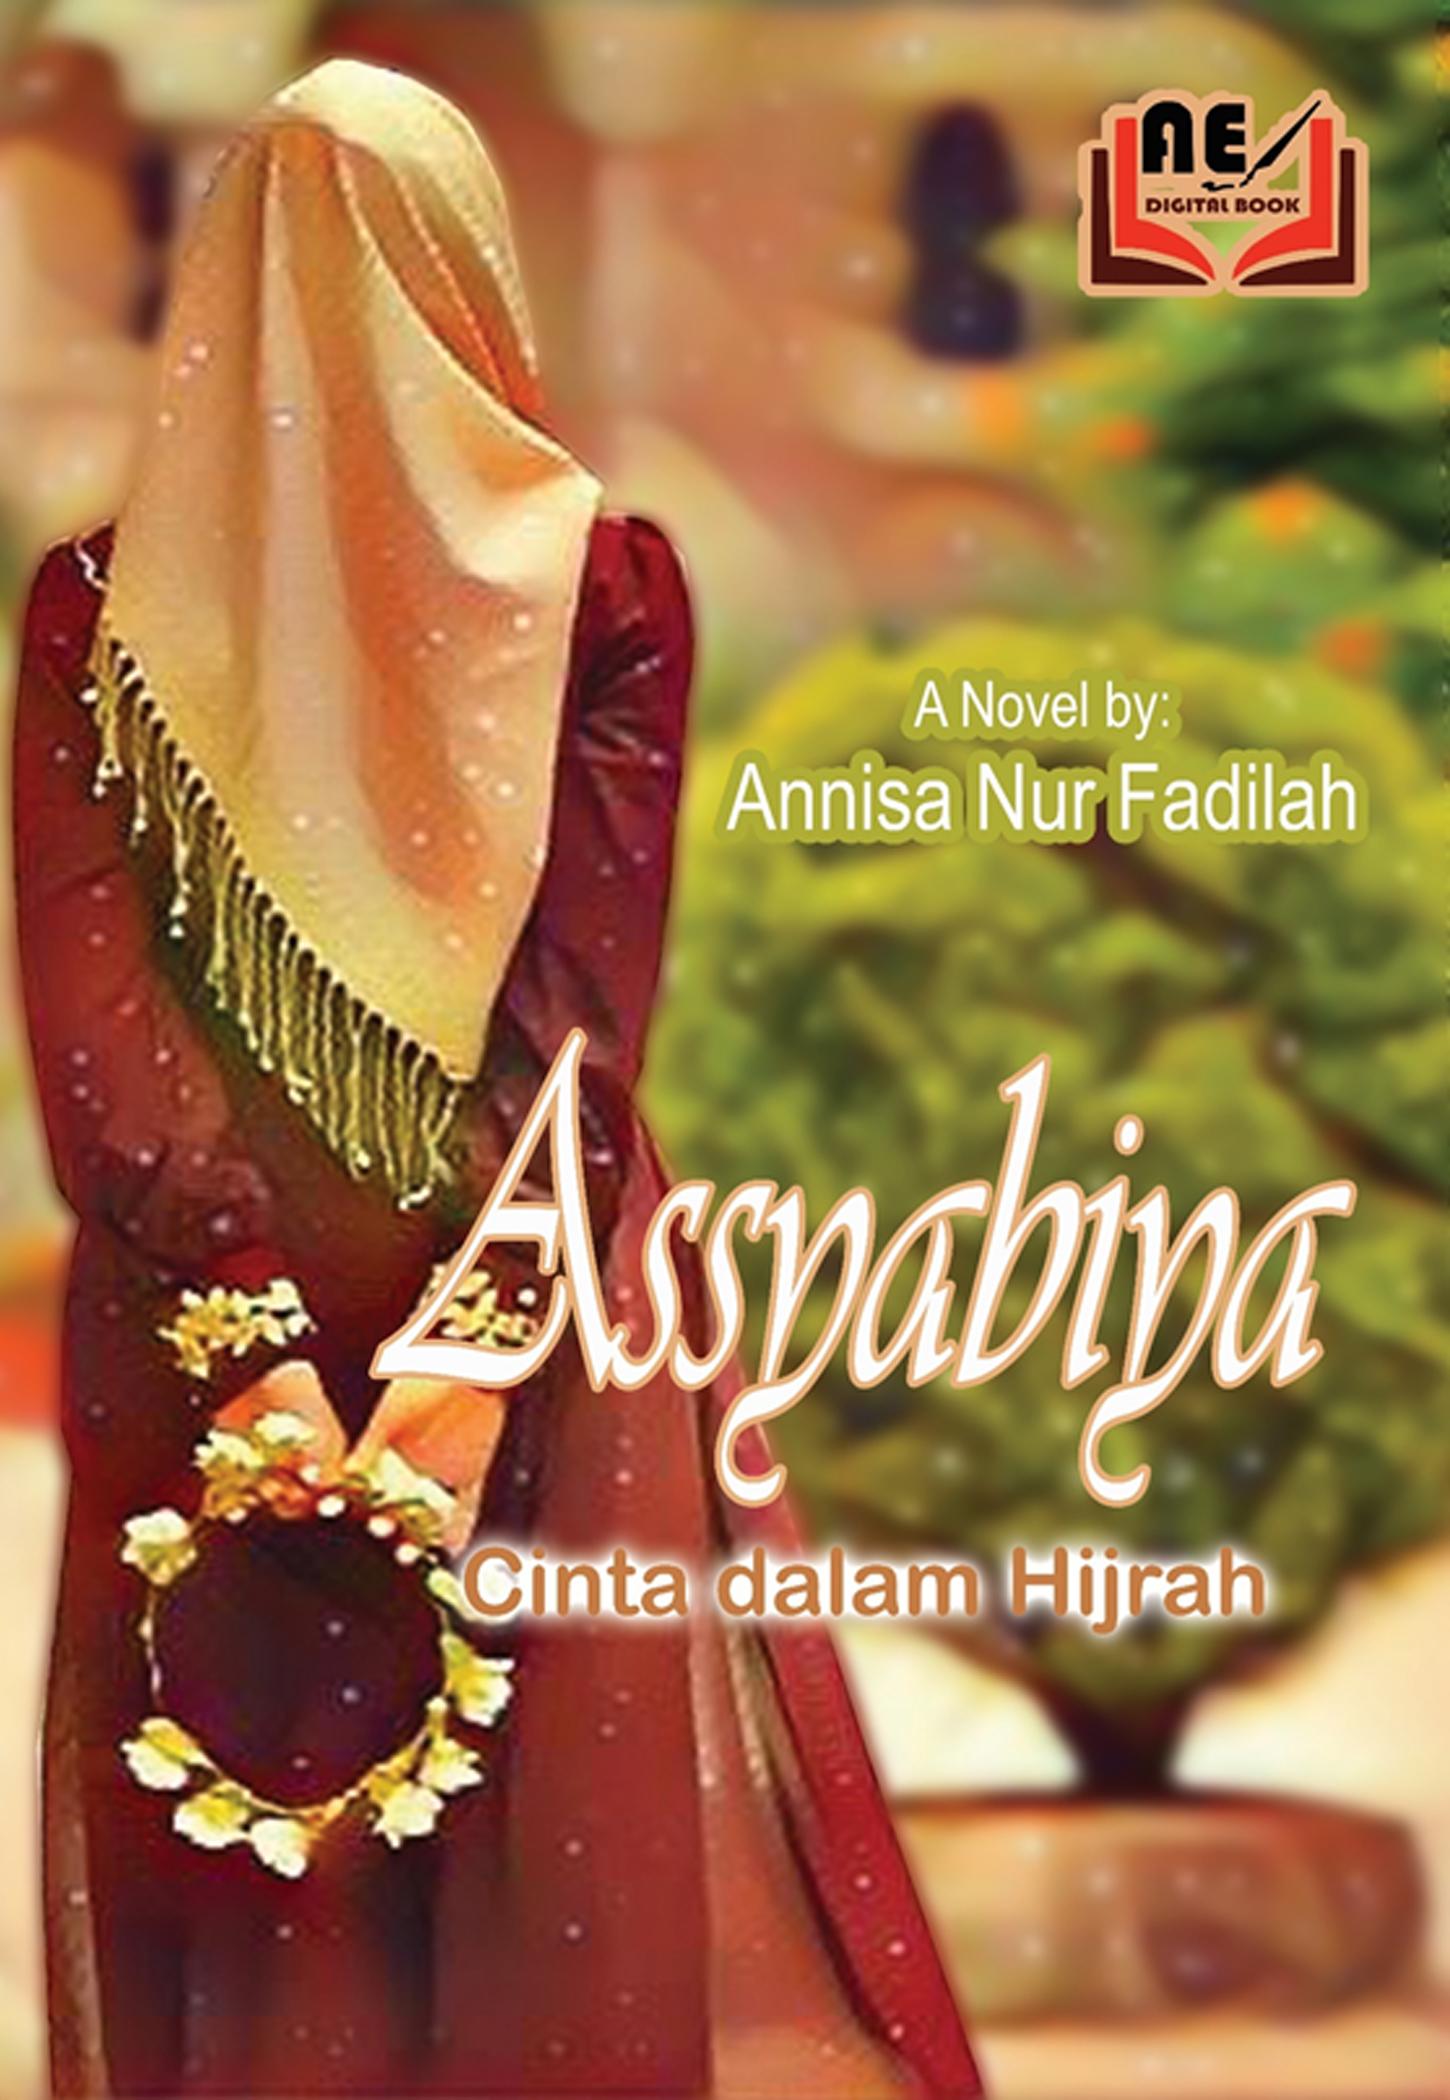 Assyabiya